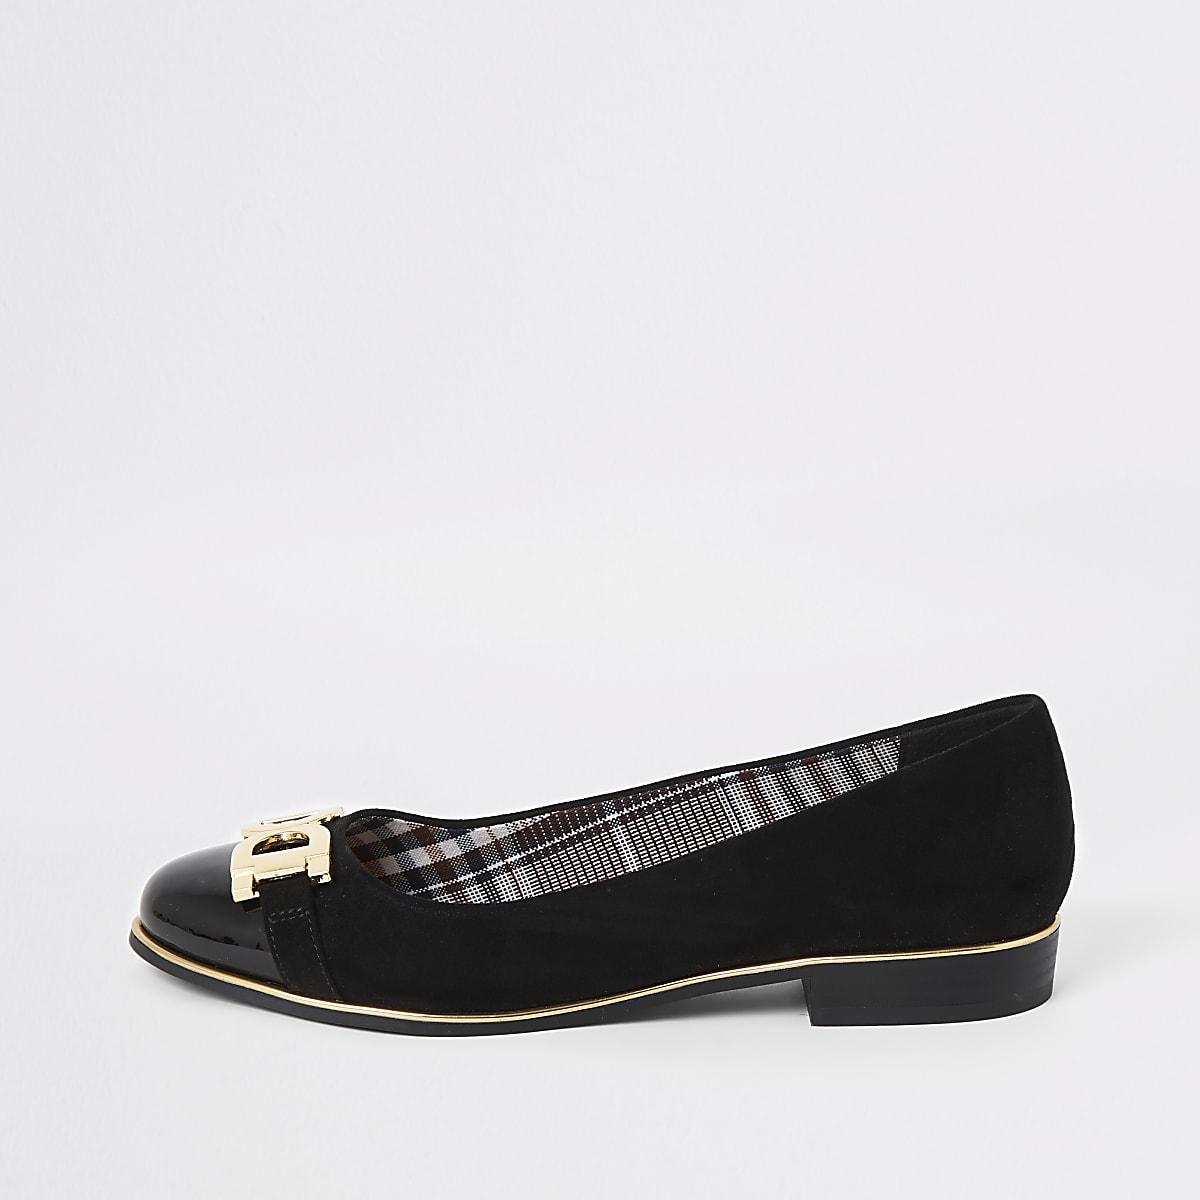 Zwarte balletschoenen met goudkleurig detail